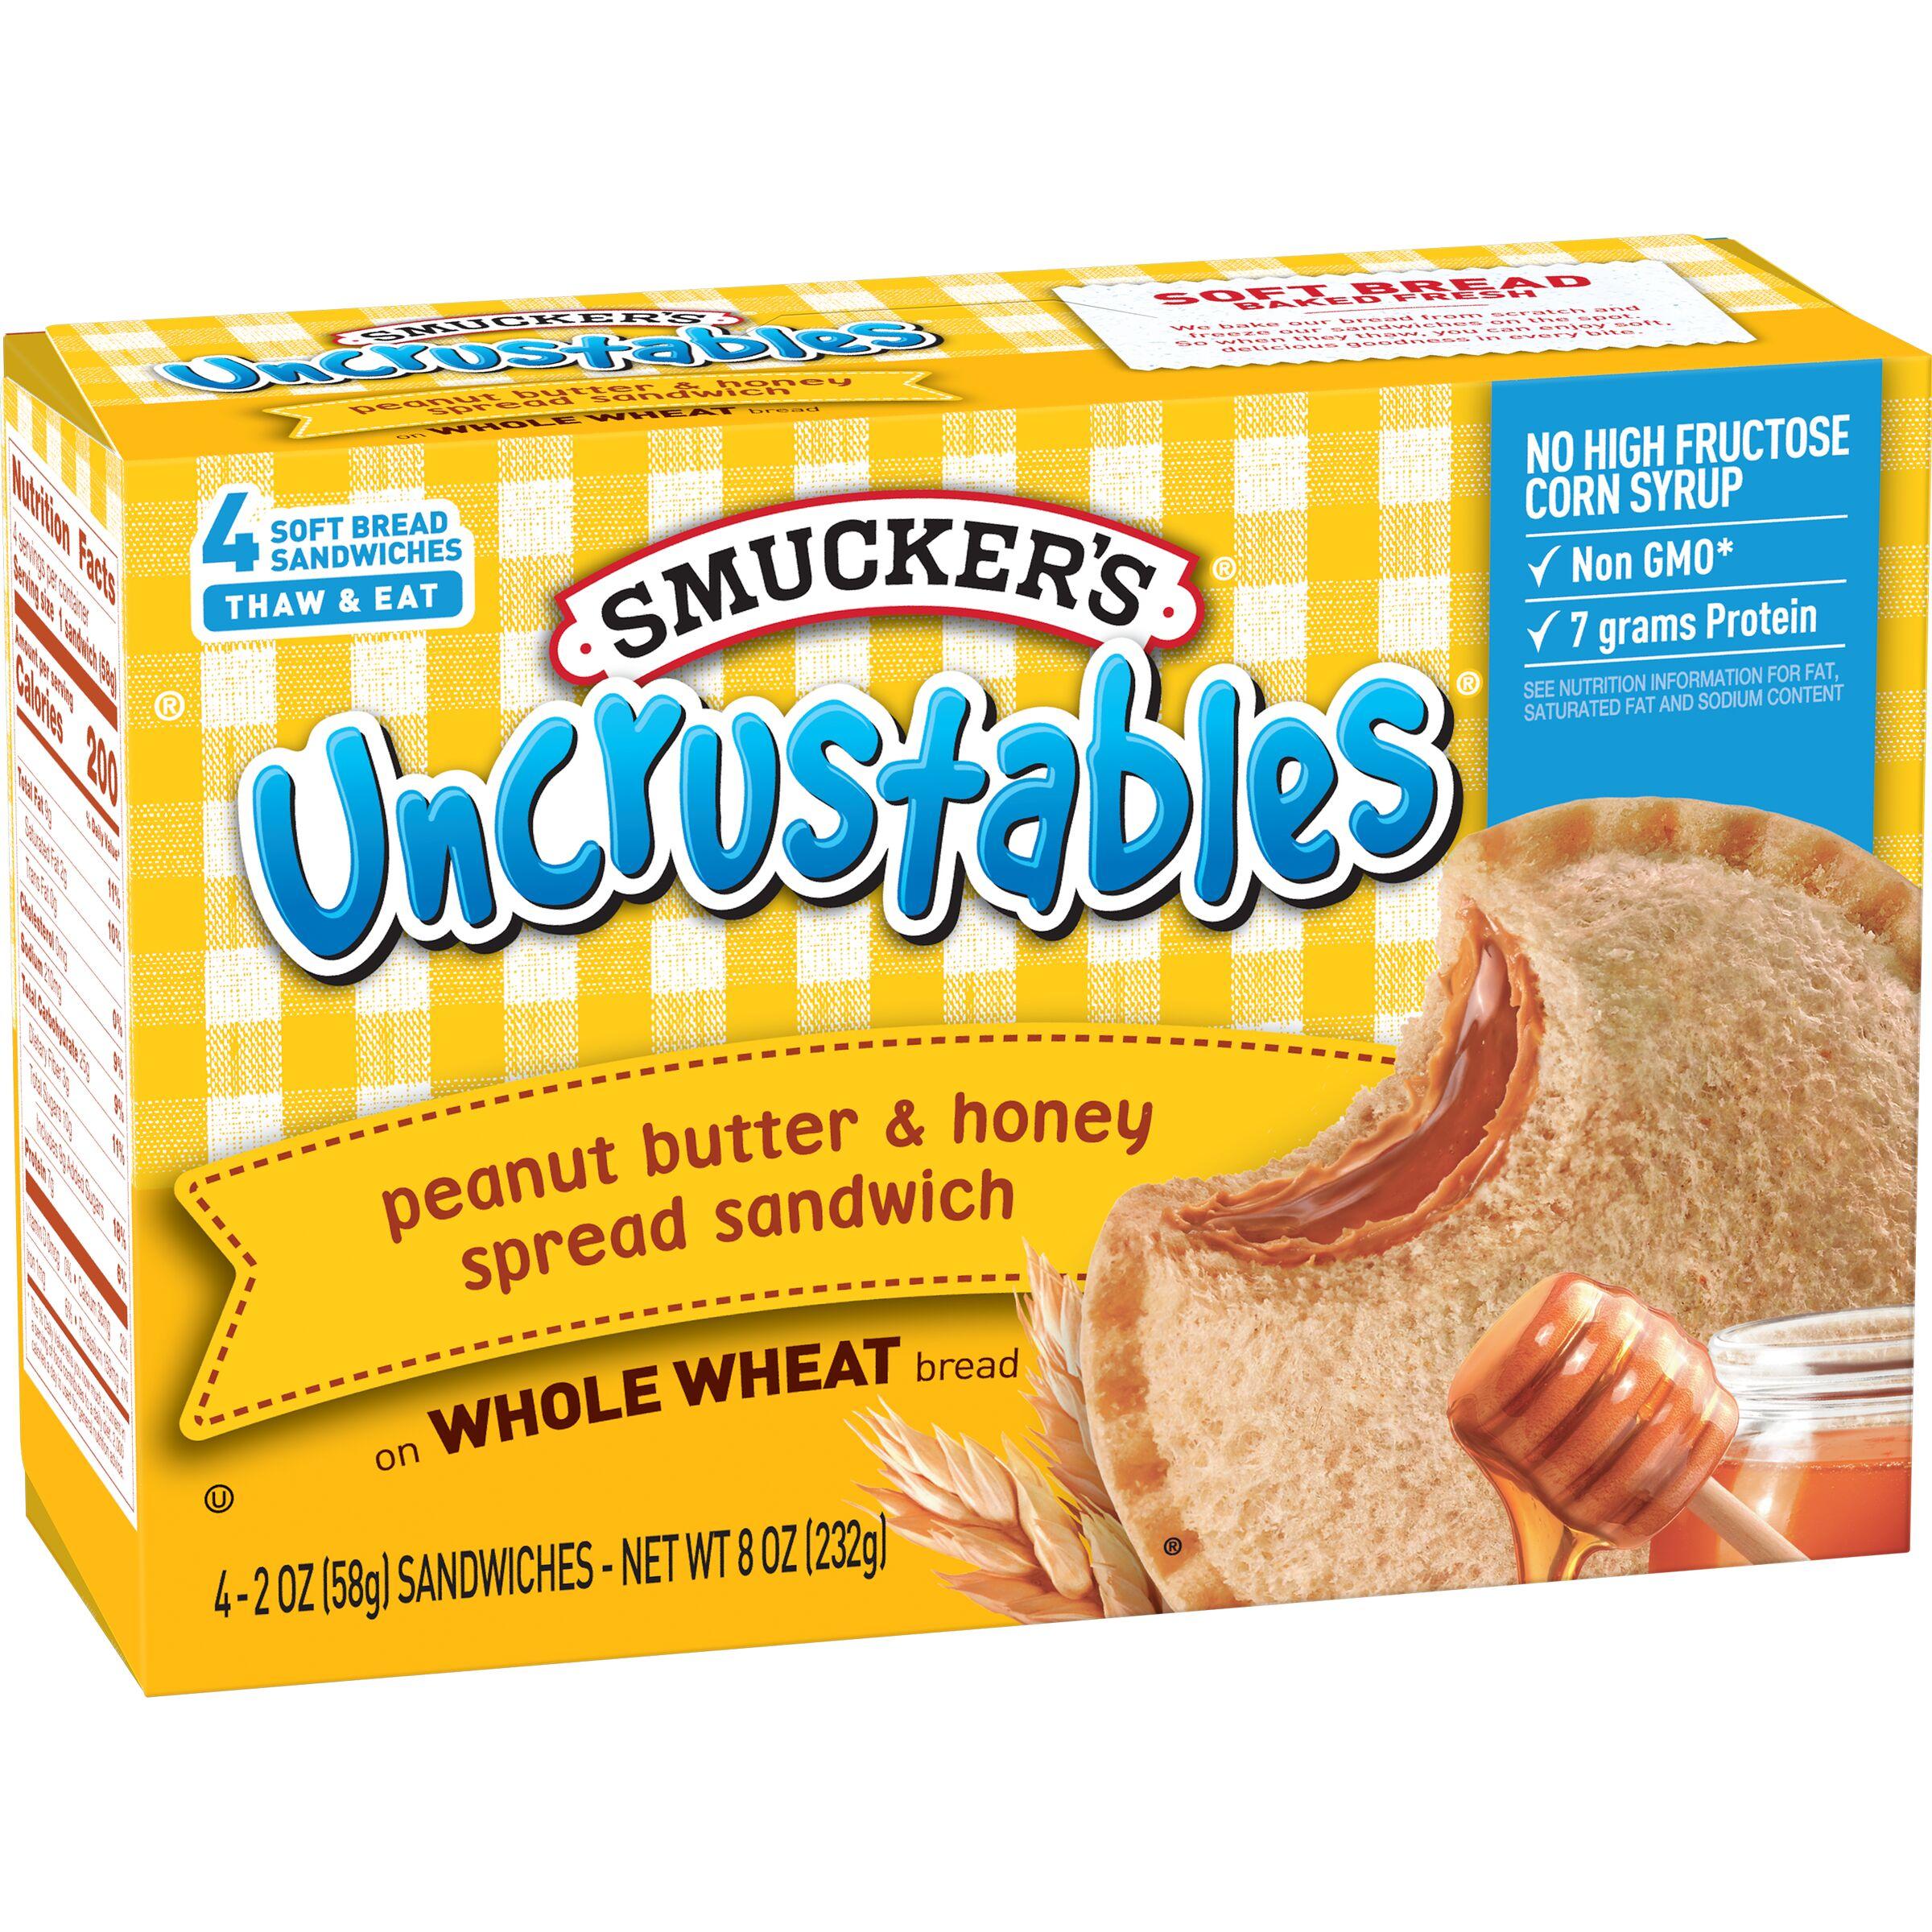 Smucker's Uncrustables Peanut Butter & Honey Spread Sandwich on Whole Wheat